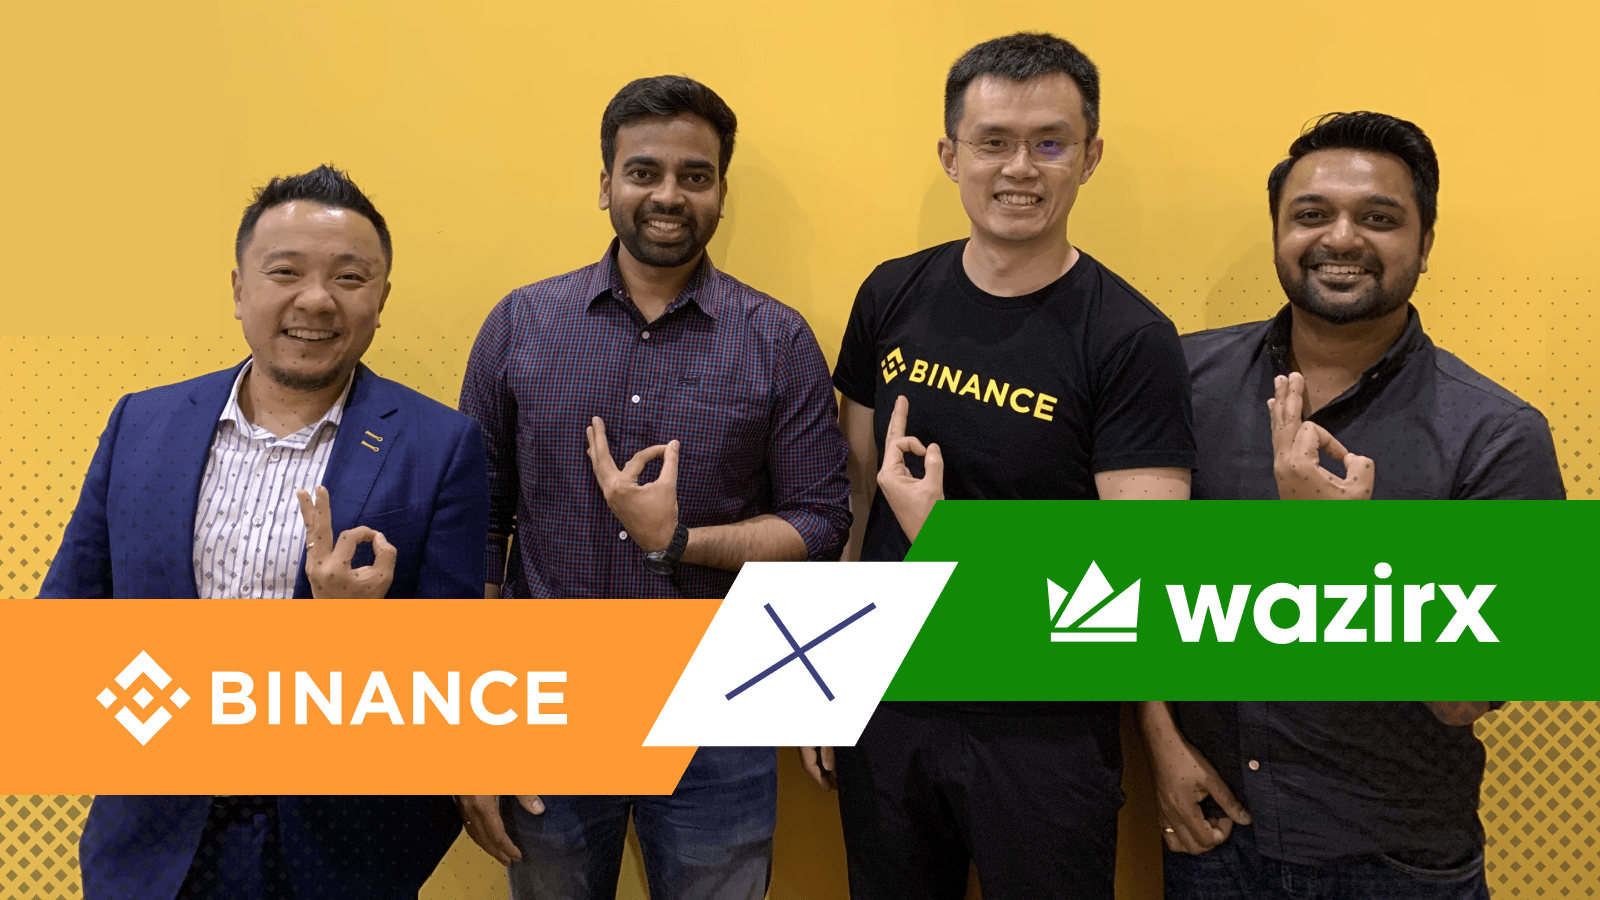 giá bitcoin: Binance mua lại nền tảng giao dịch tiền mã hoá WazirX hàng đầu Ấn Độ